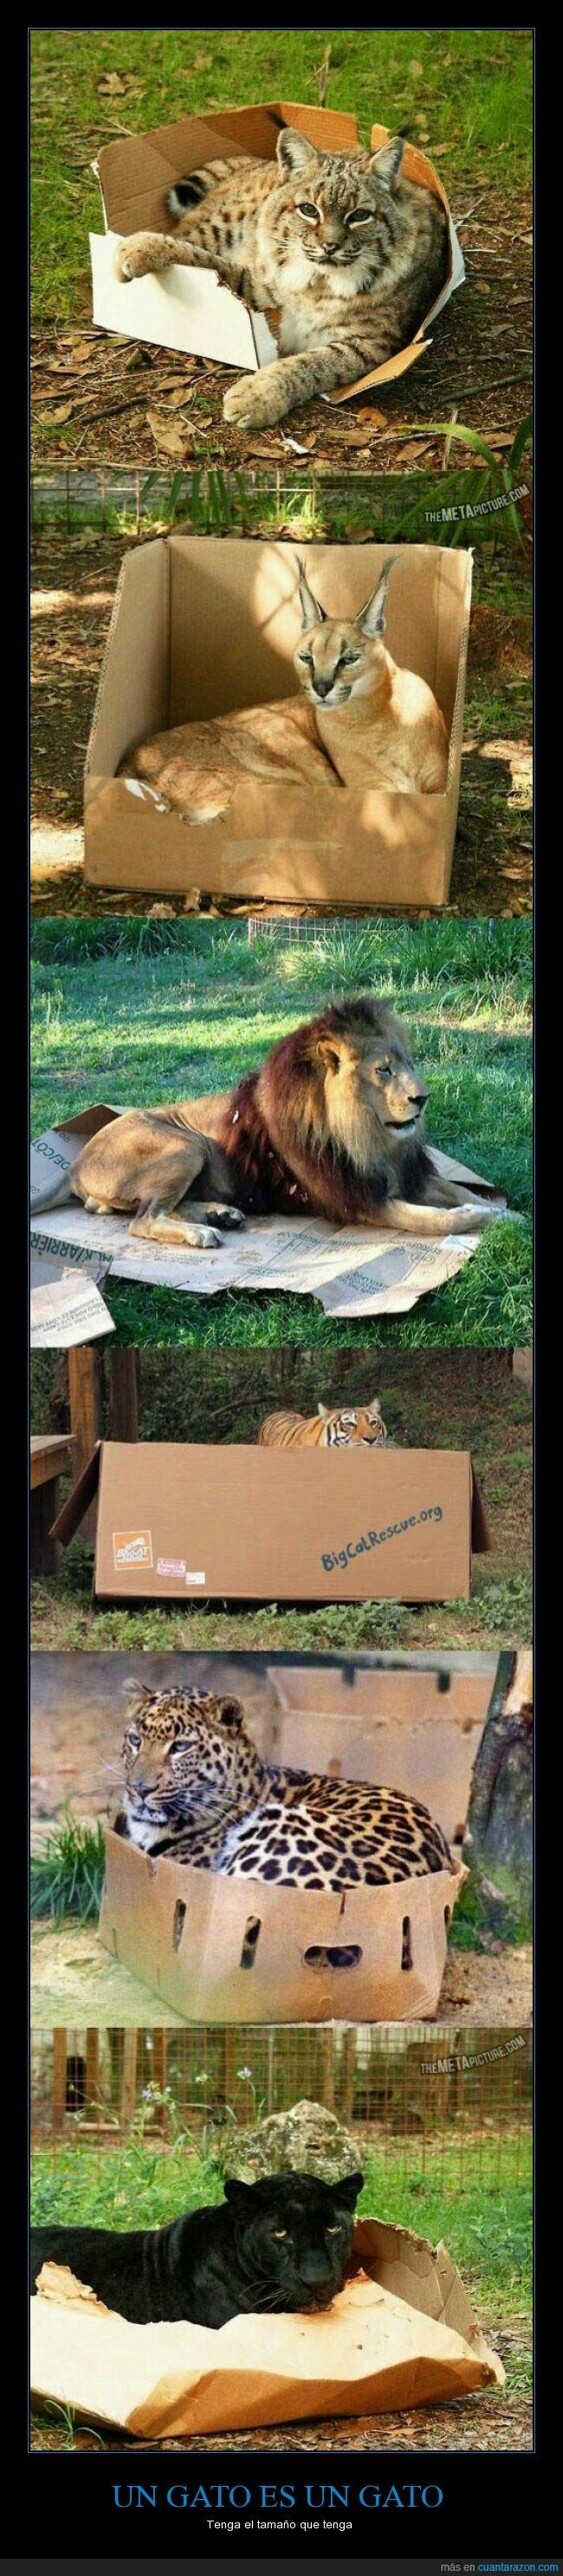 caja,cartón,dentro,felino,gato,leon,lince,pantera